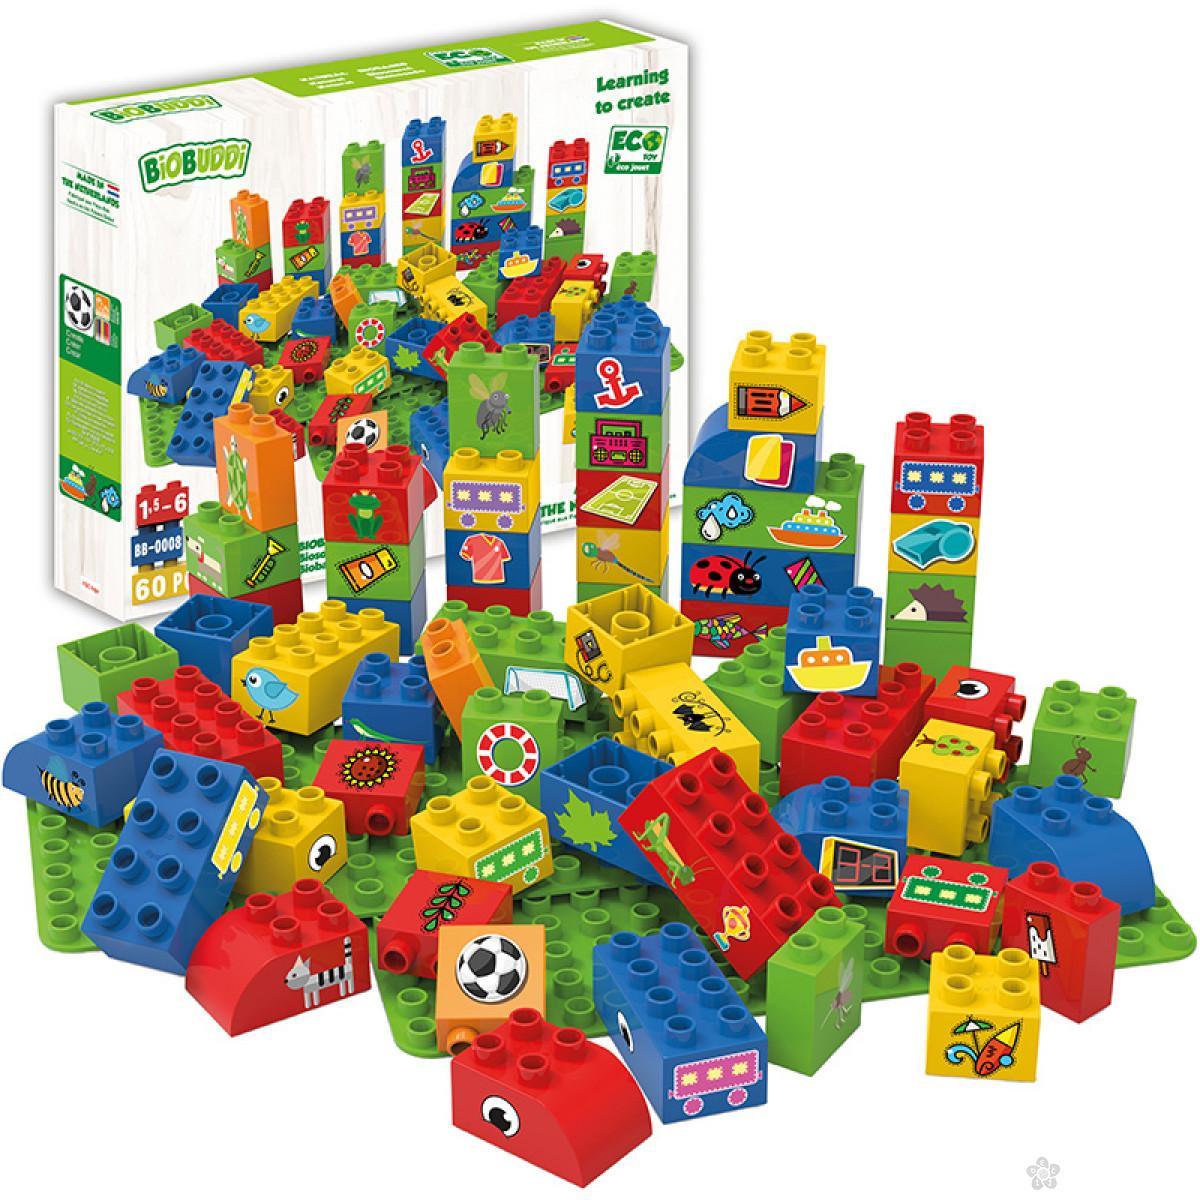 Edukativne kocke sa 2 osnove za dečake I BB-0008